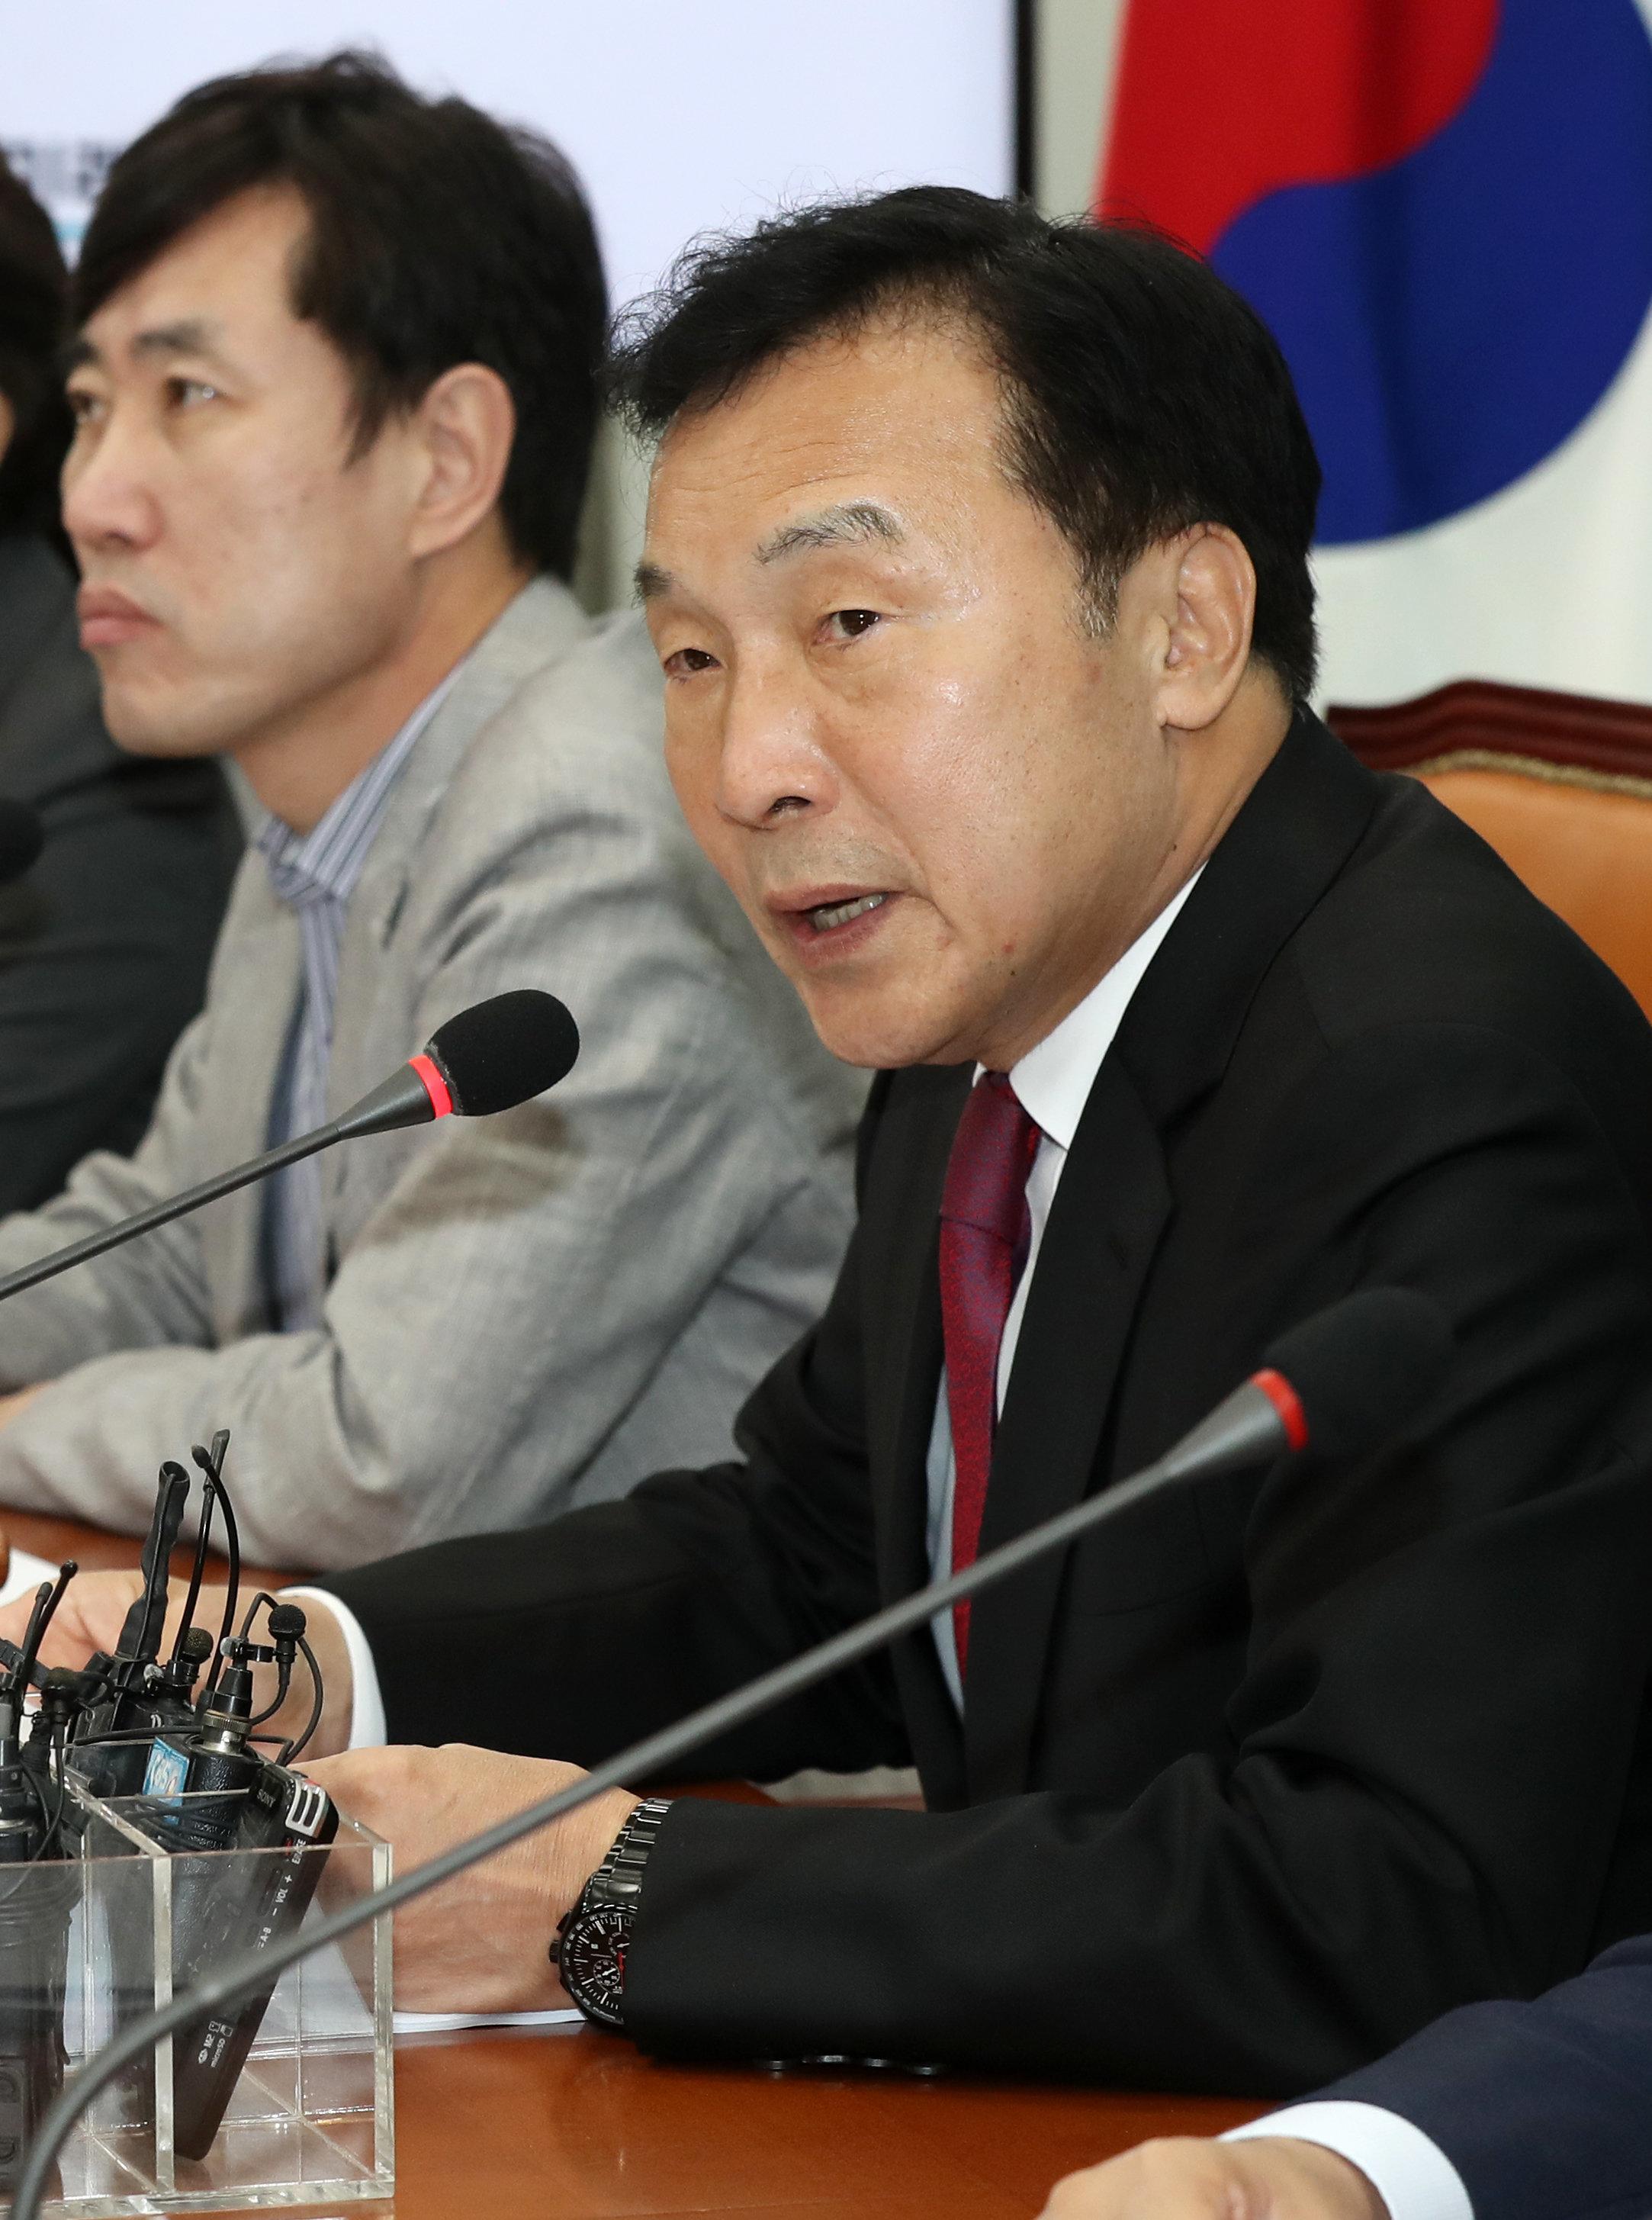 손학규가 한국당과의 통합론과 관련해